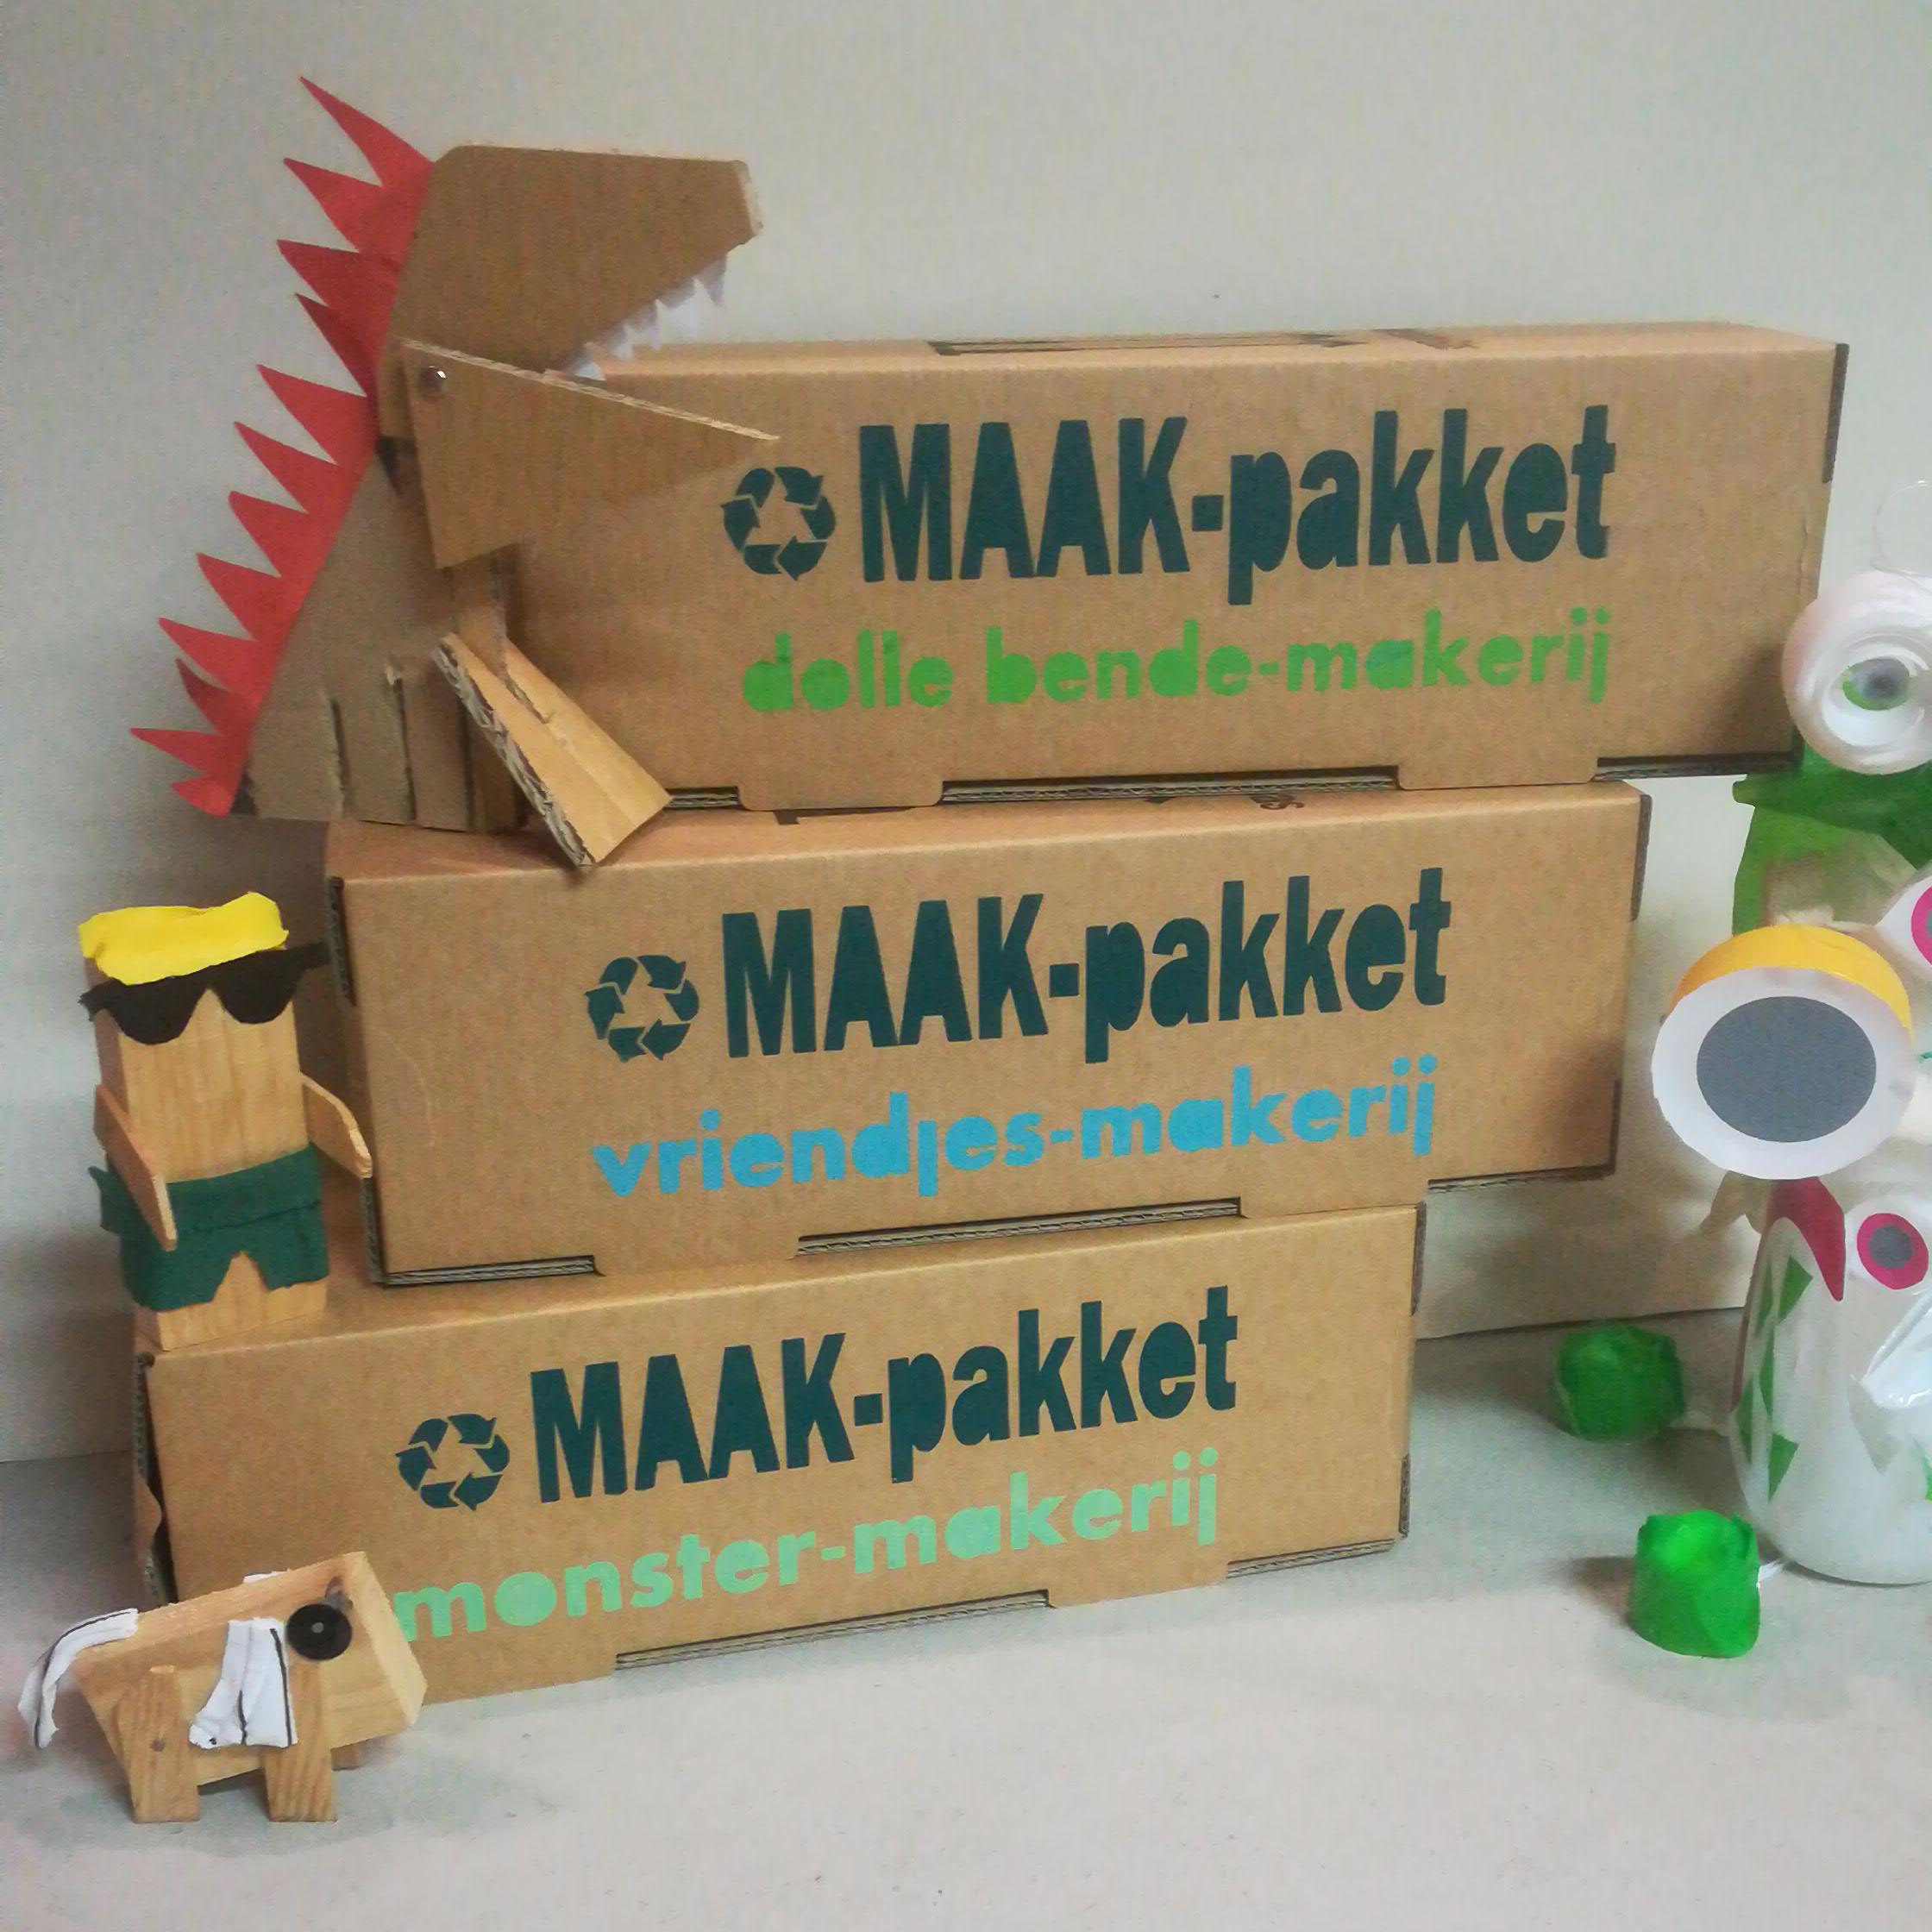 maak-pakketten